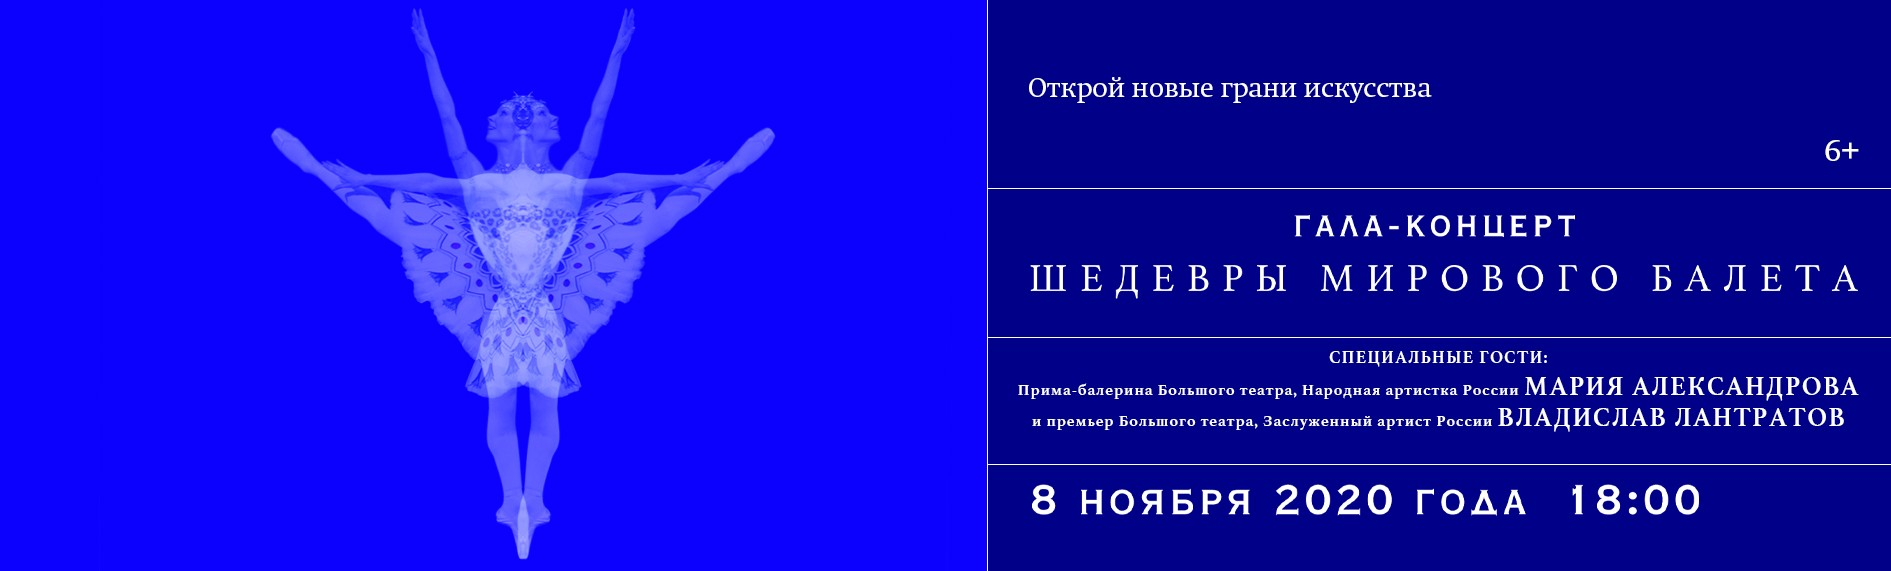 """Гала- концерт """"Шедевры мирового балета"""""""